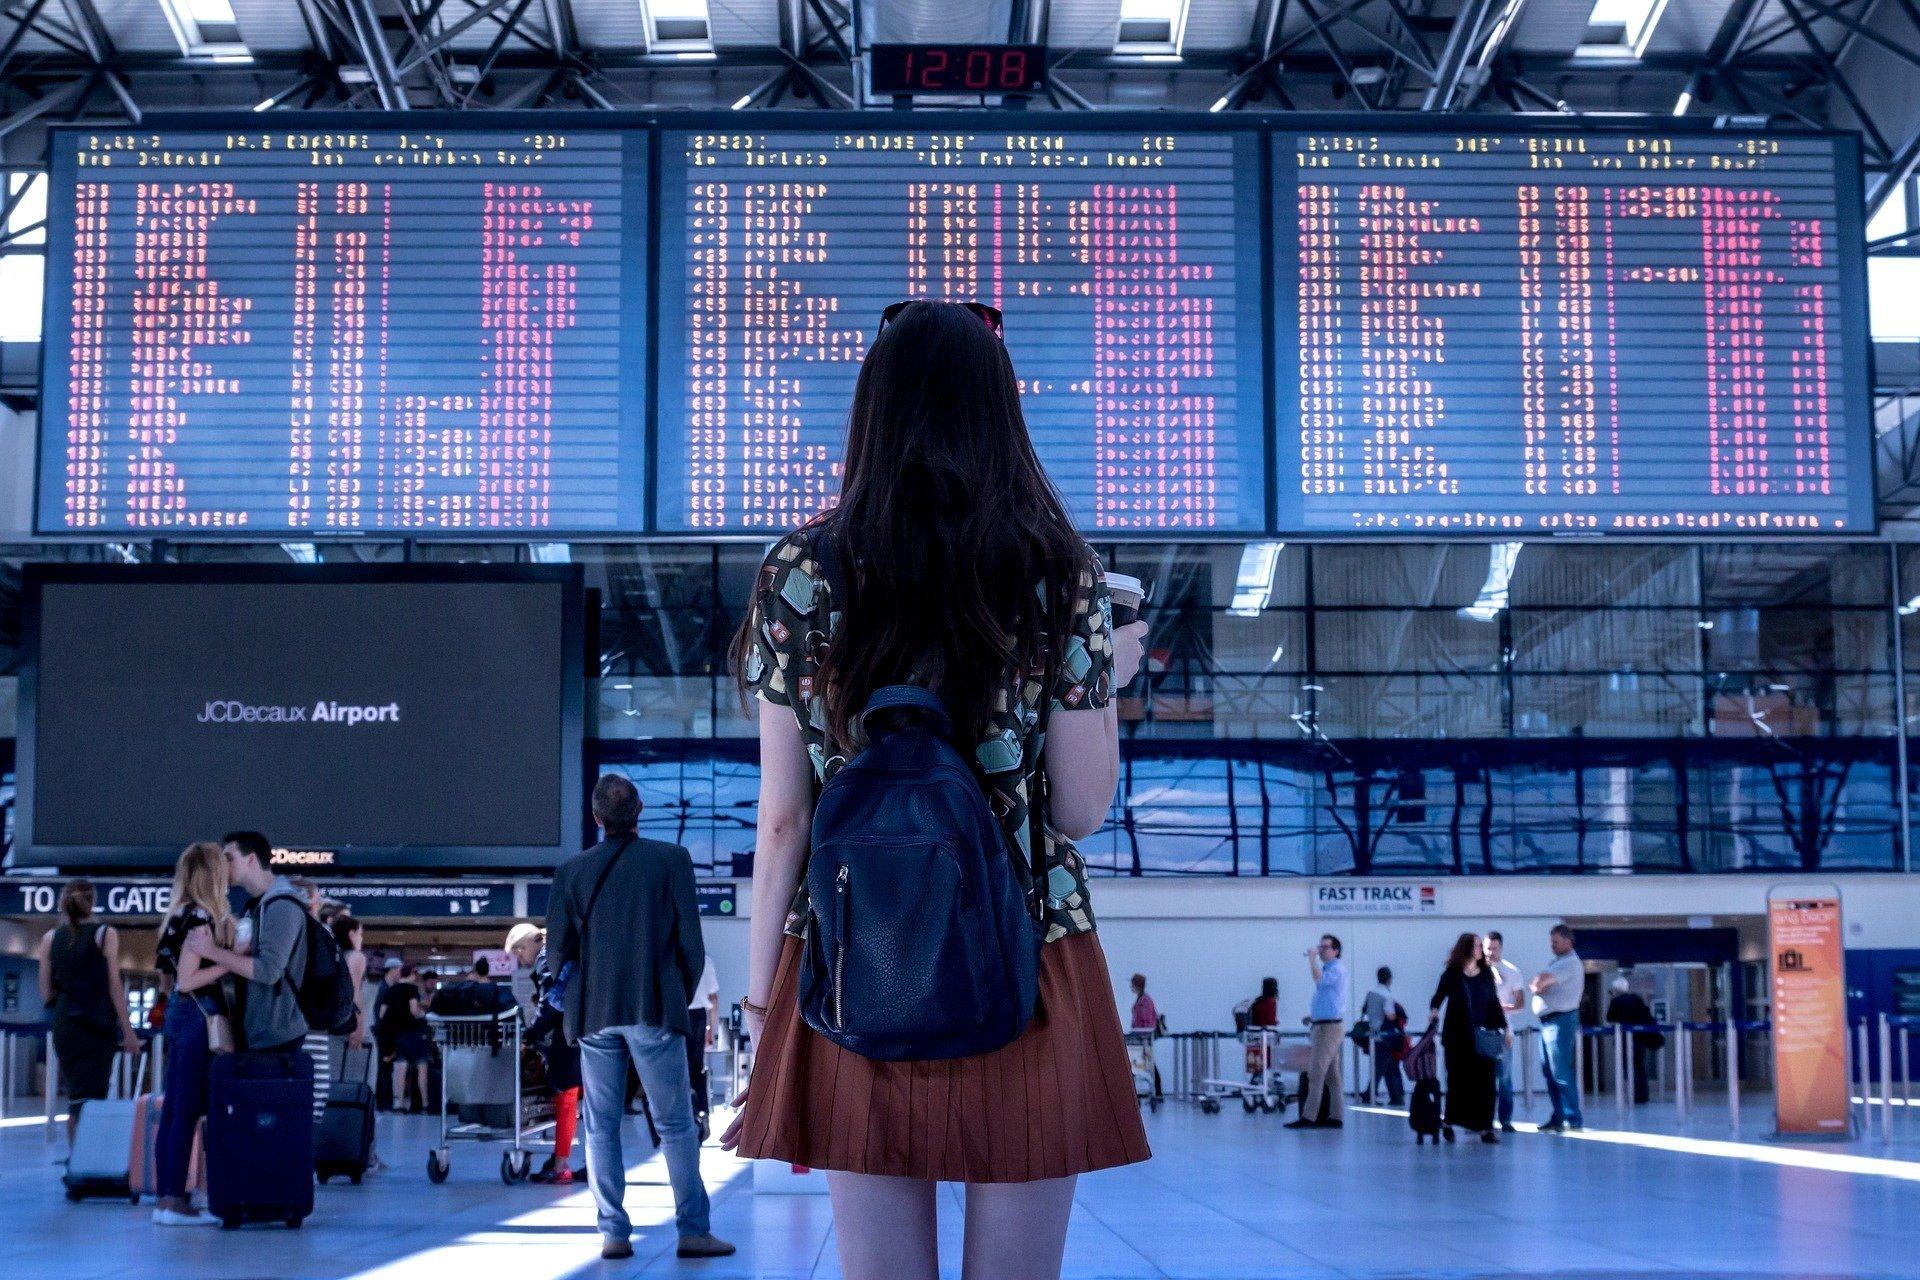 Yurtdışı Seyahatlerde Dikkat Edilmesi Gereken Hususlar